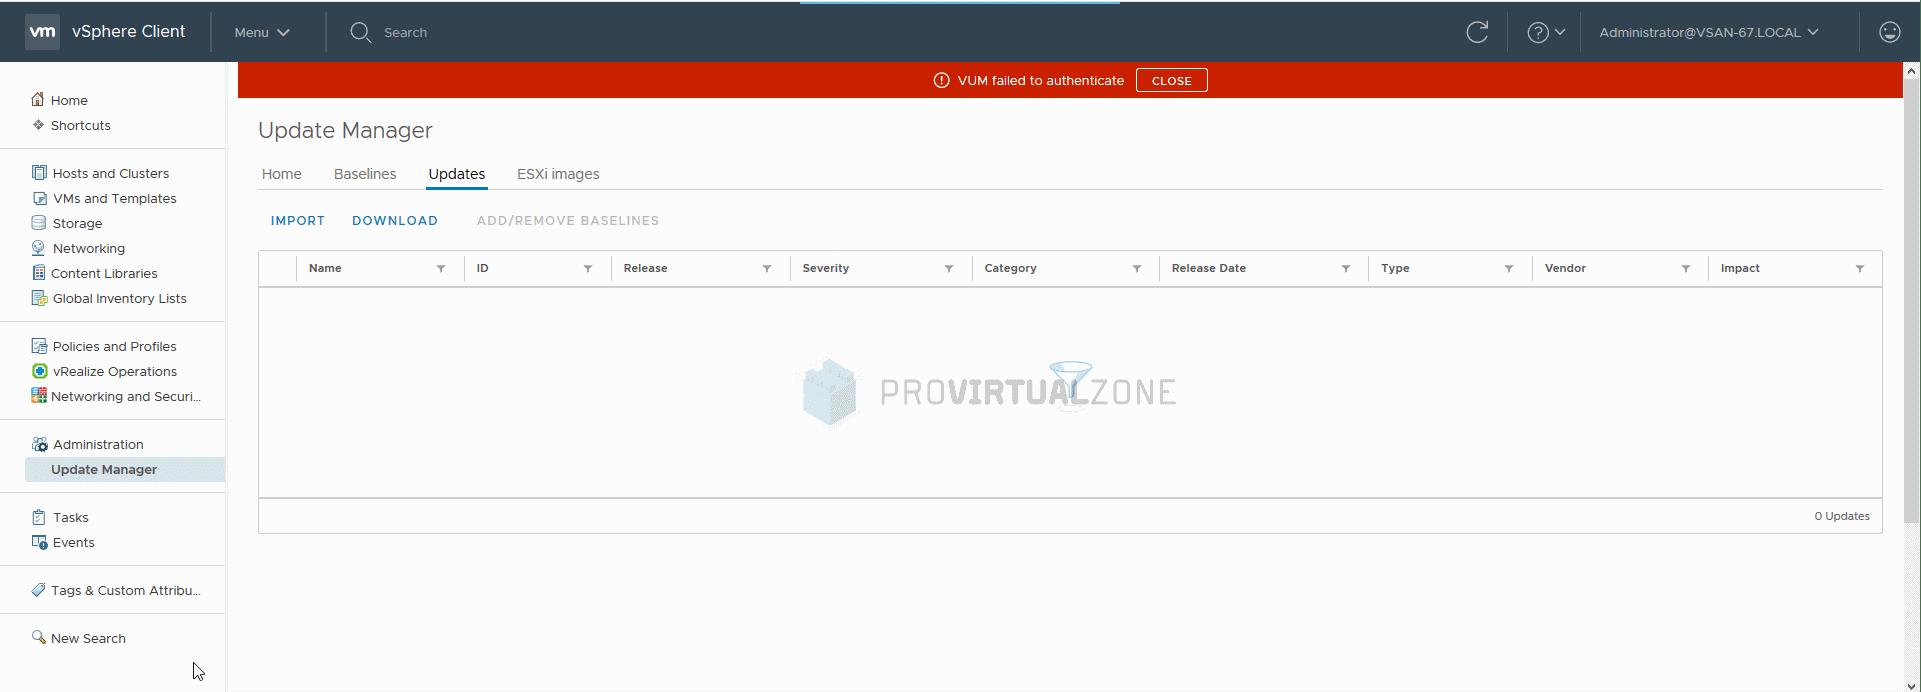 vSphere Client 6 7 VUM failed to authenticate